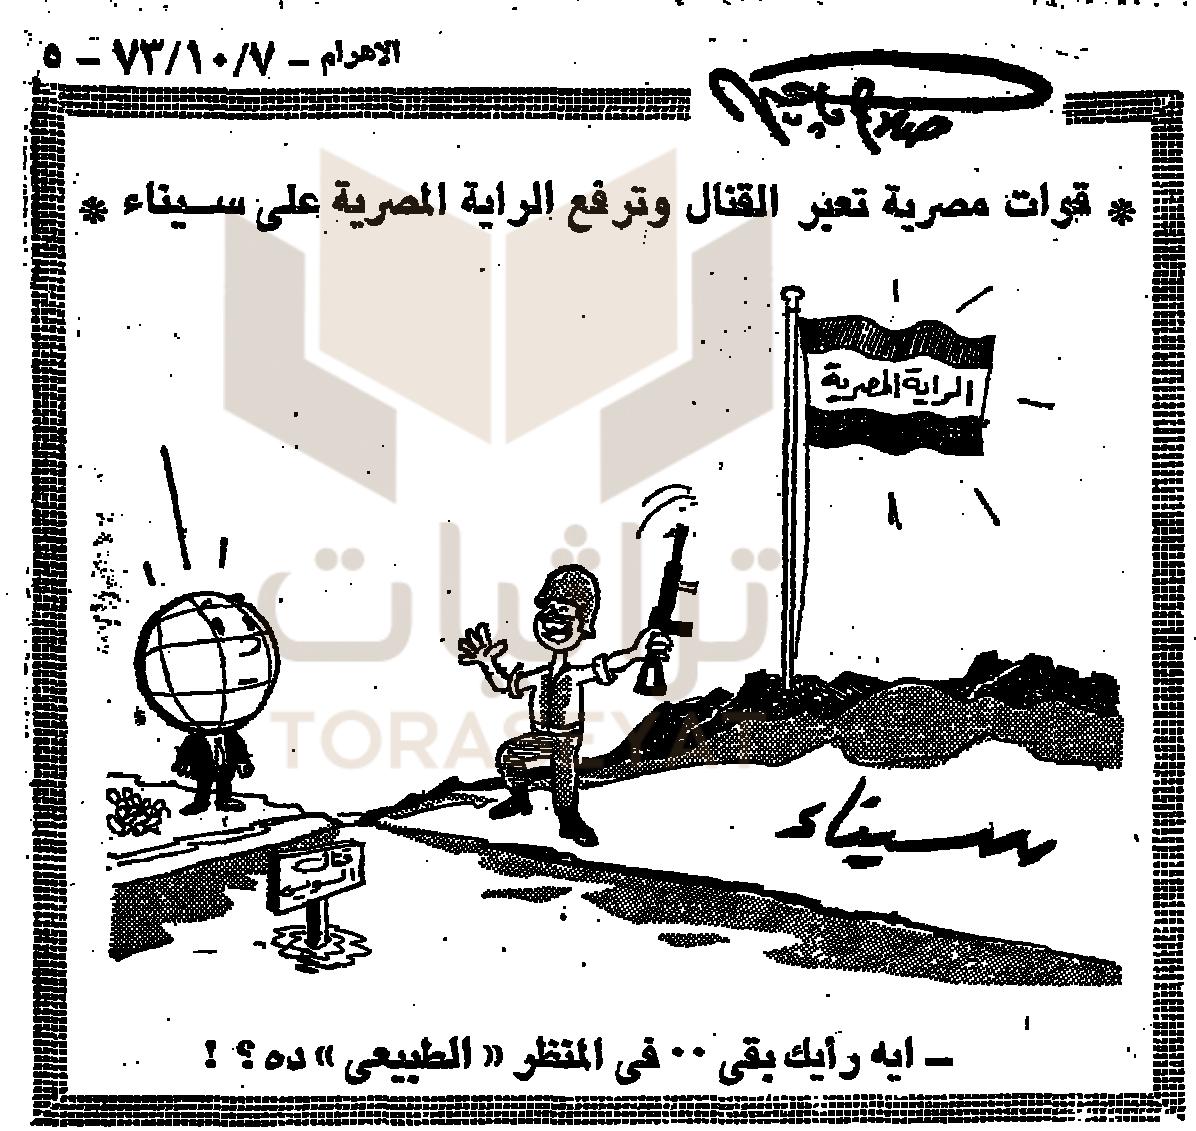 كاريكاتير صلاح جاهين فرحا بنصر أكتوبر